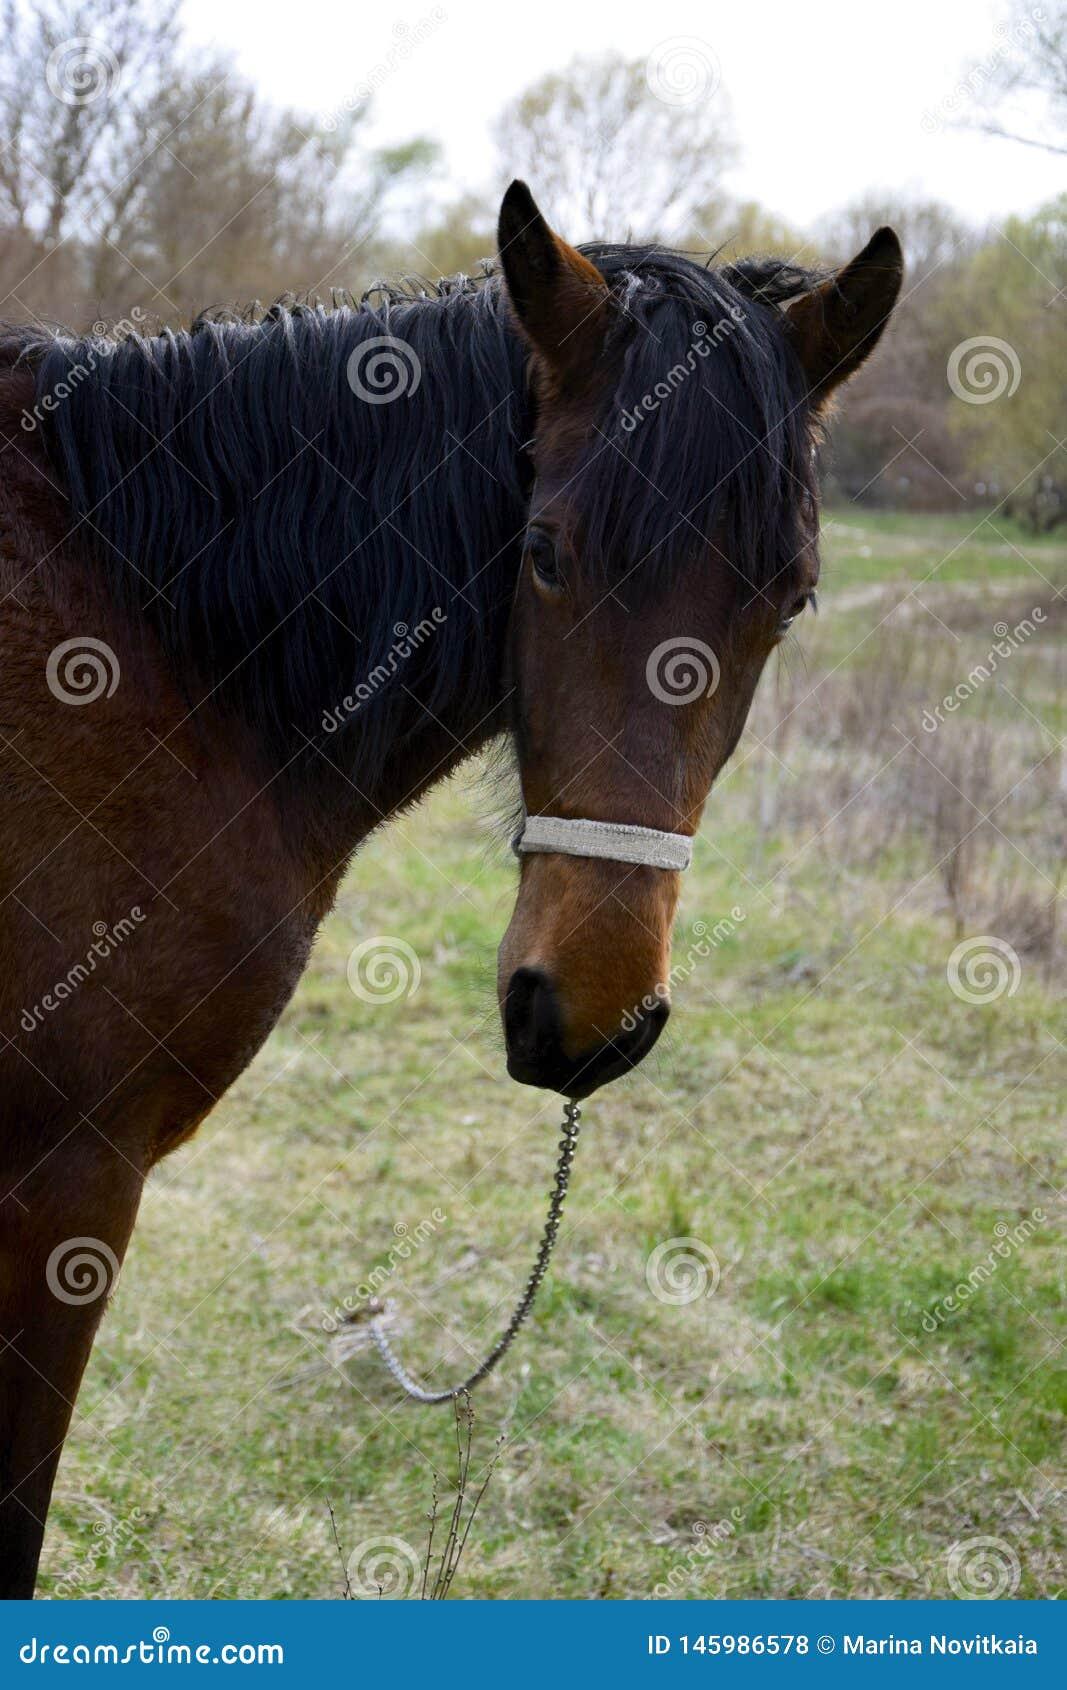 Un giovane cavallo con una bella criniera nera